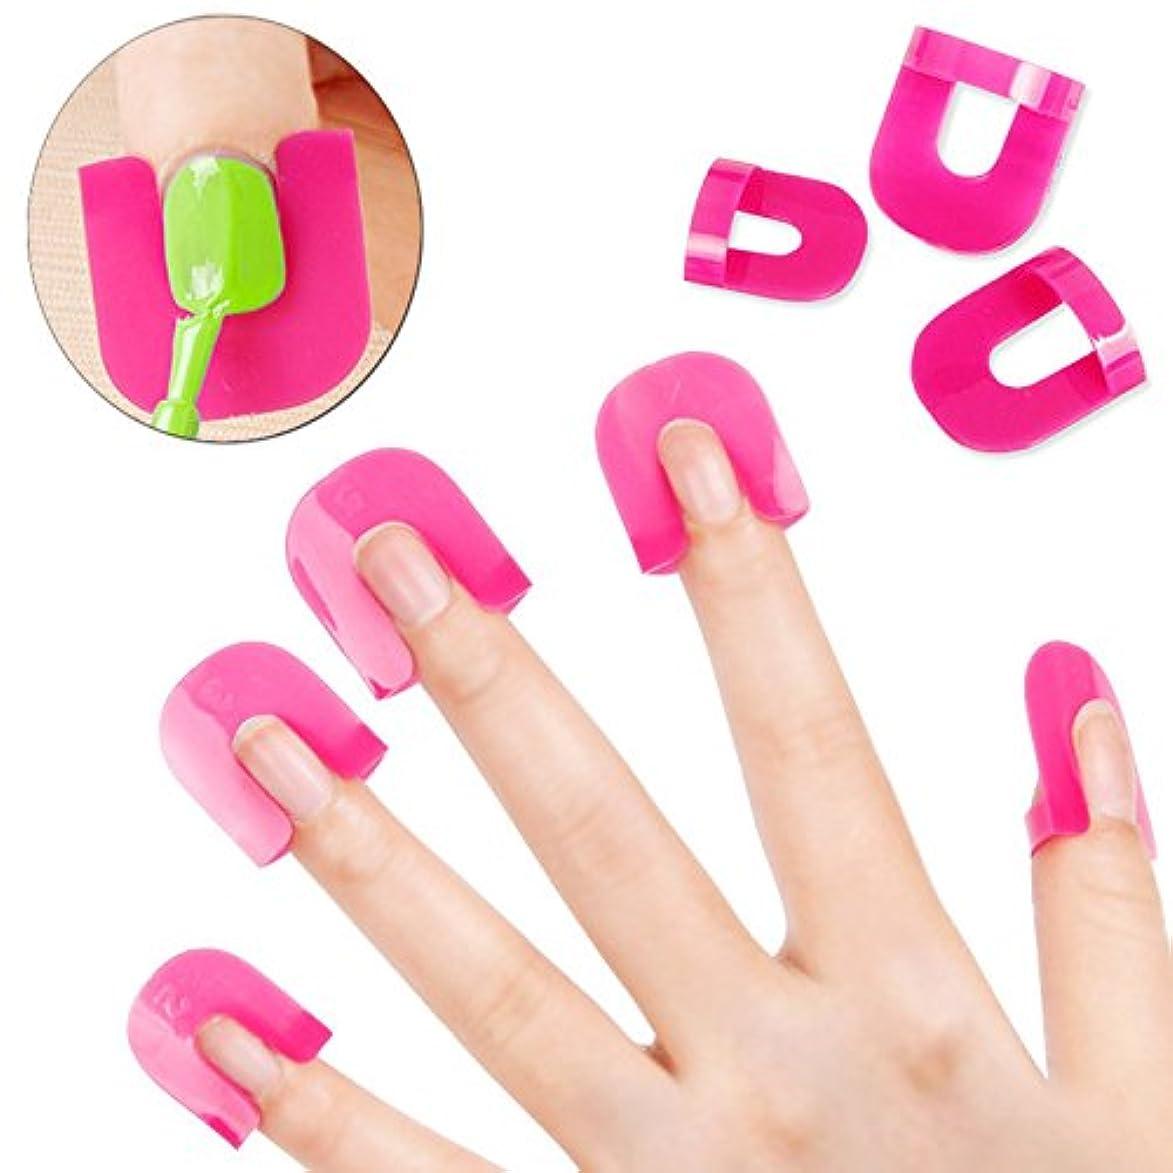 午後必要としている恋人New 26PCS Professional French Nail Art Manicure Stickers Tips Finger Cover Polish Shield Protector Plastic Case Salon Tools Set